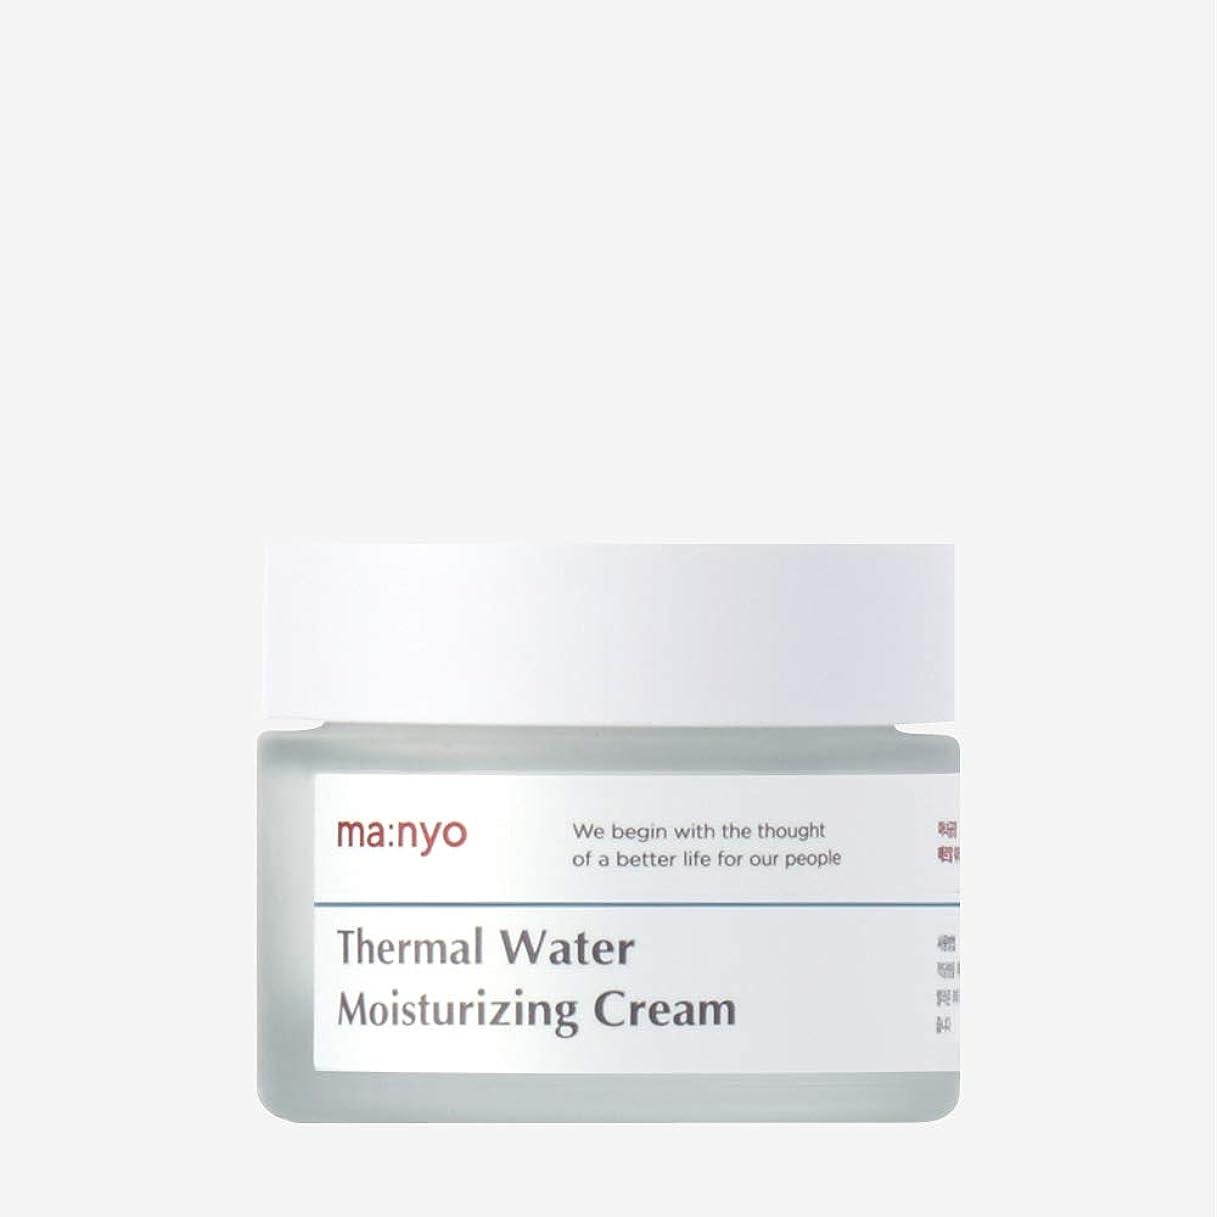 真向こう医師同志魔女工場(Manyo Factory) 温泉水ミネラルクリーム 50ml / 天然ミネラル、チェコ温泉水67%で保湿補充